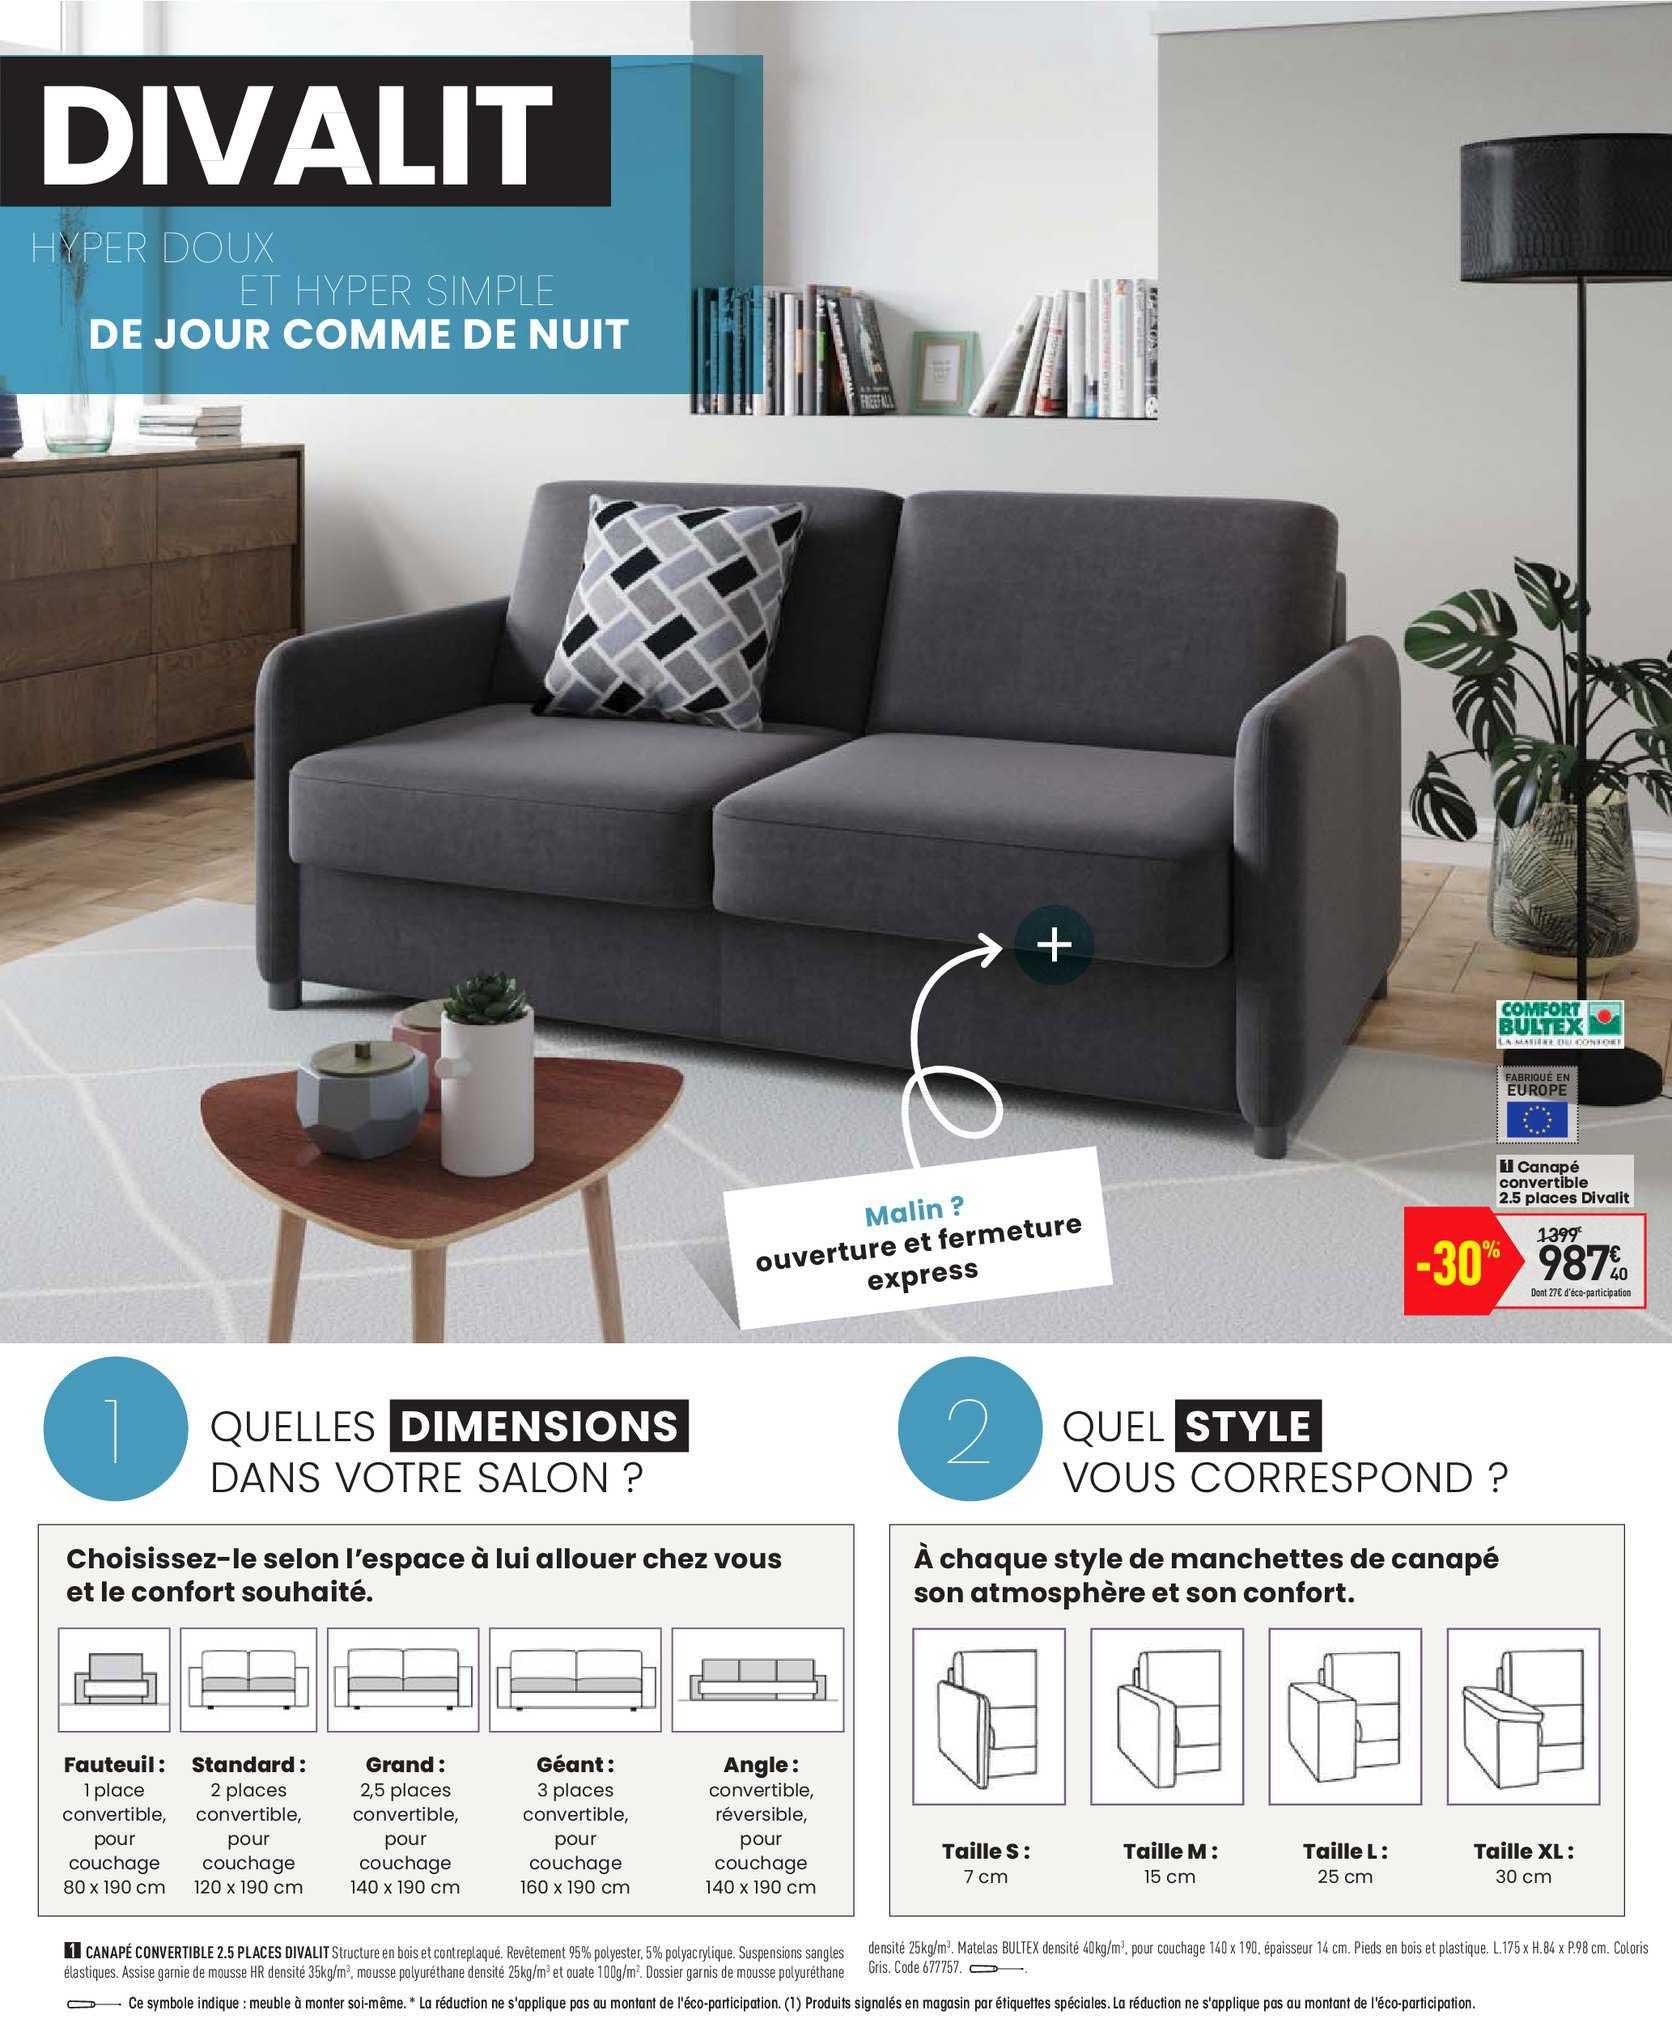 Offre Canapé Convertible 2.5 Places Divalit Chez Conforama avec Canapé Convertible 1 Place Conforama